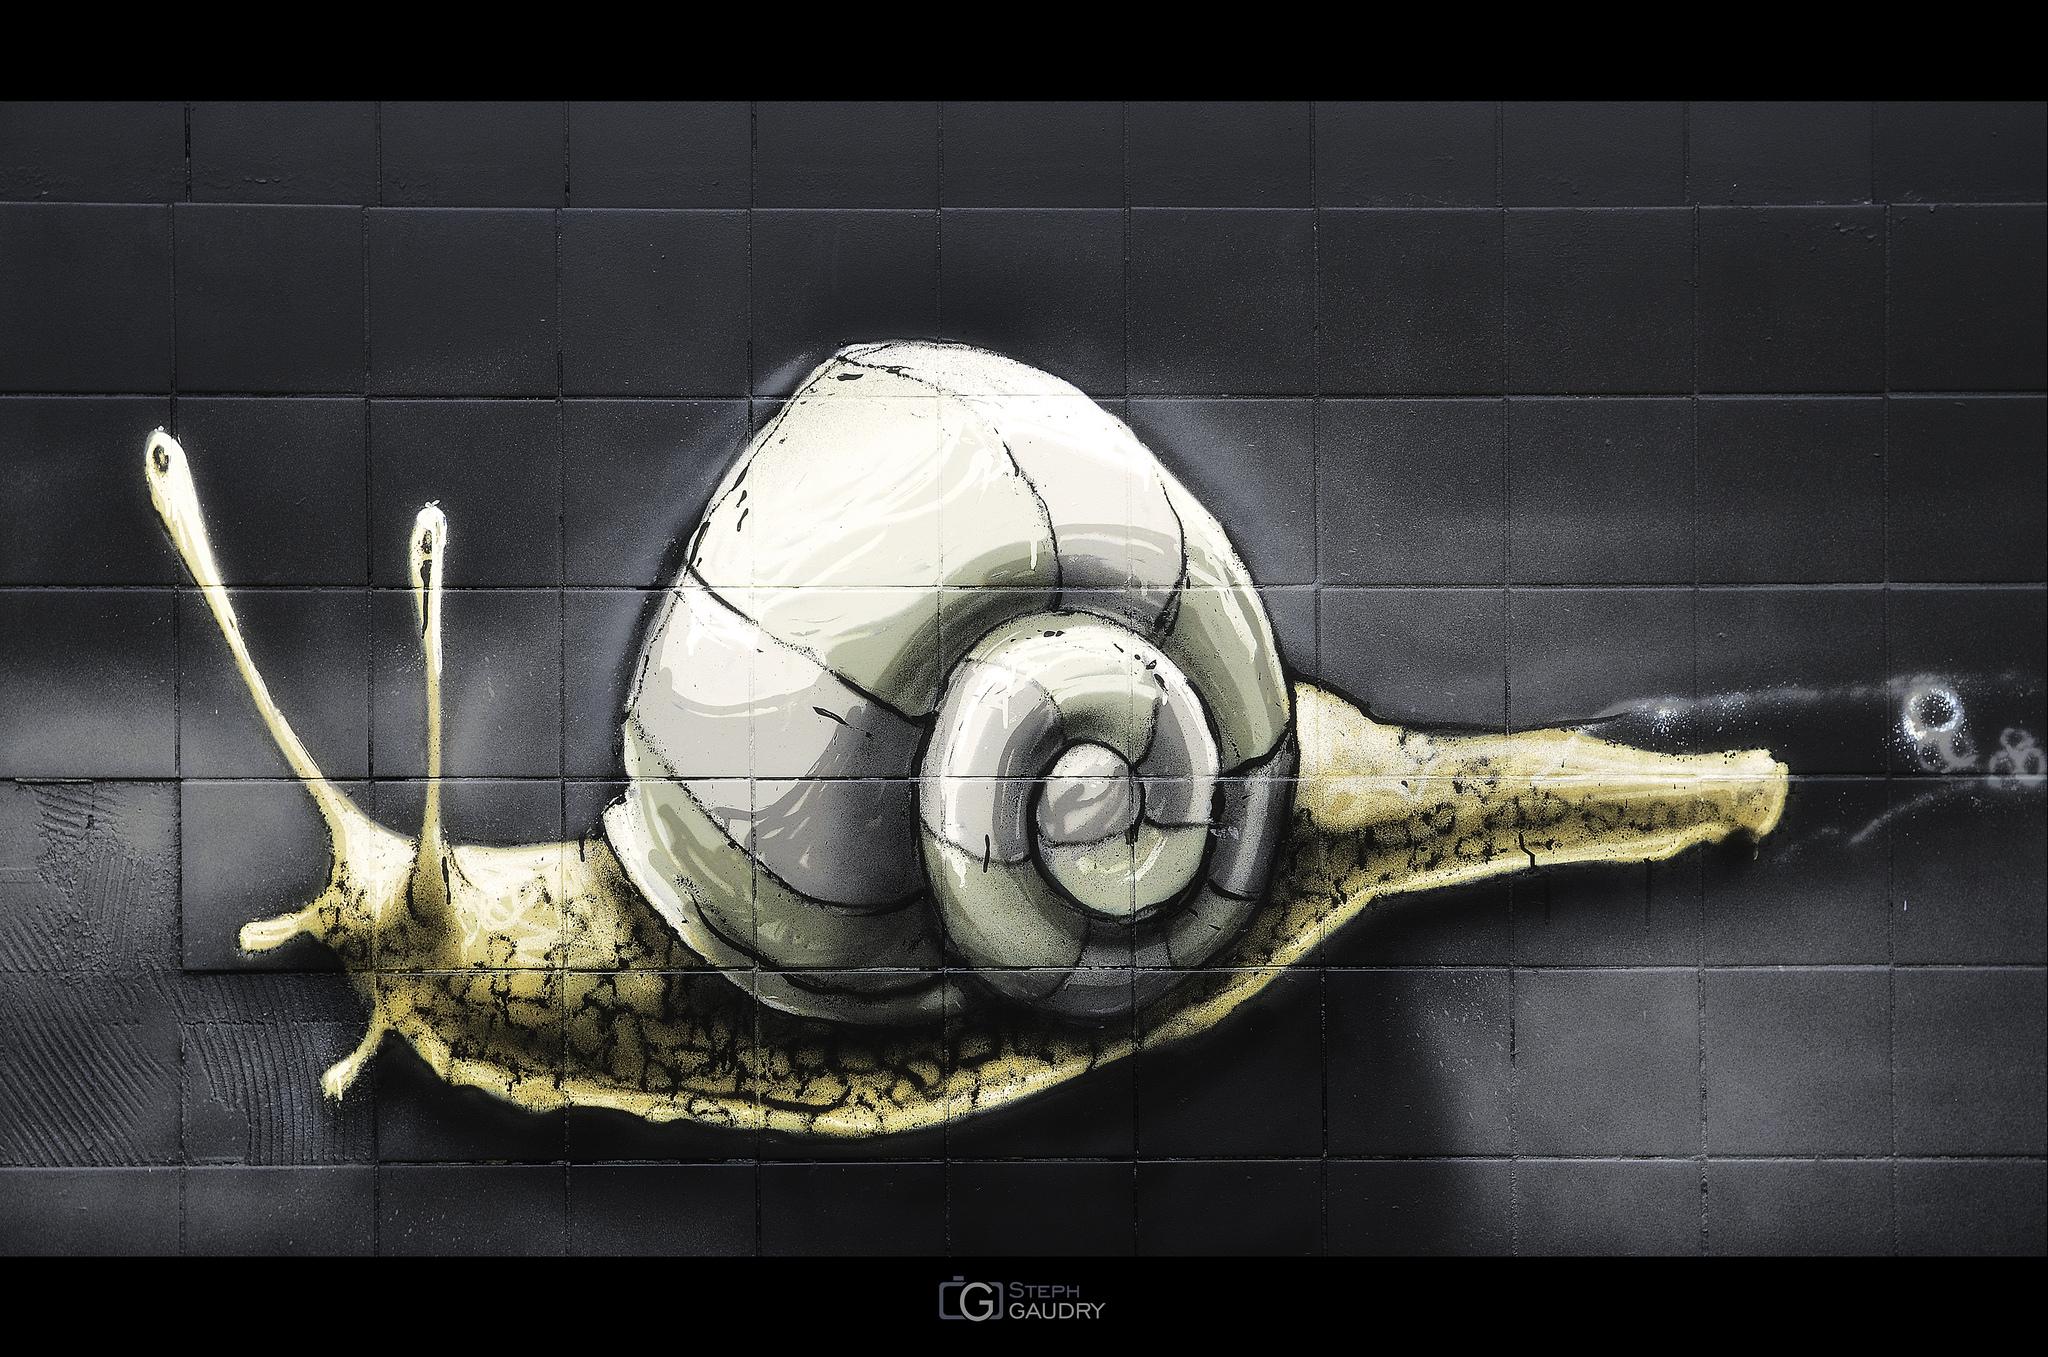 L'escargot fait le mur... [Cliquez pour lancer le diaporama]